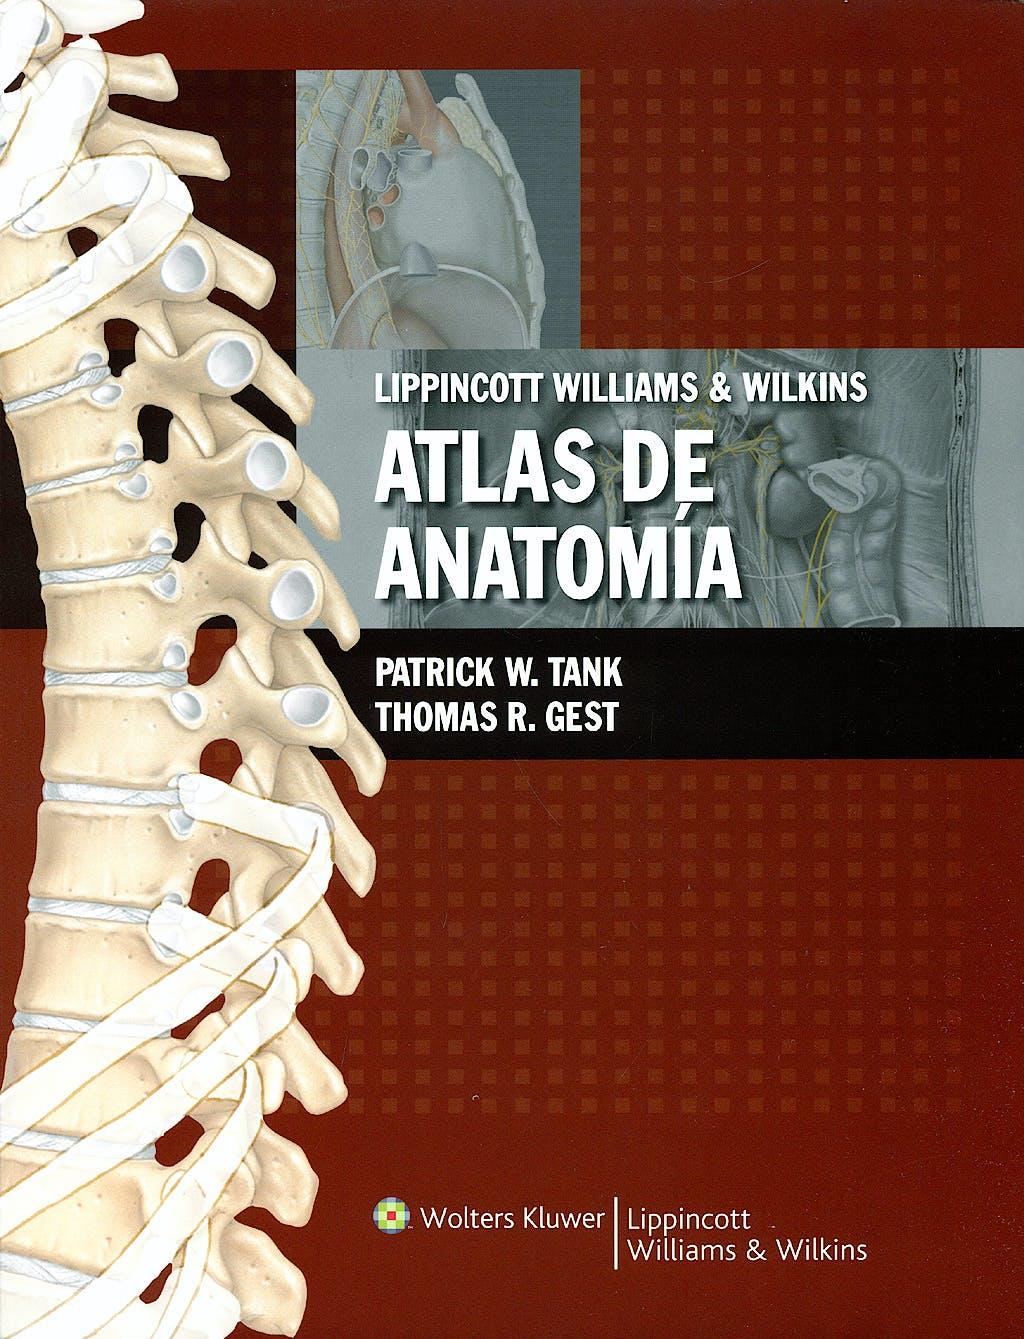 Producto: Atlas de Anatomia